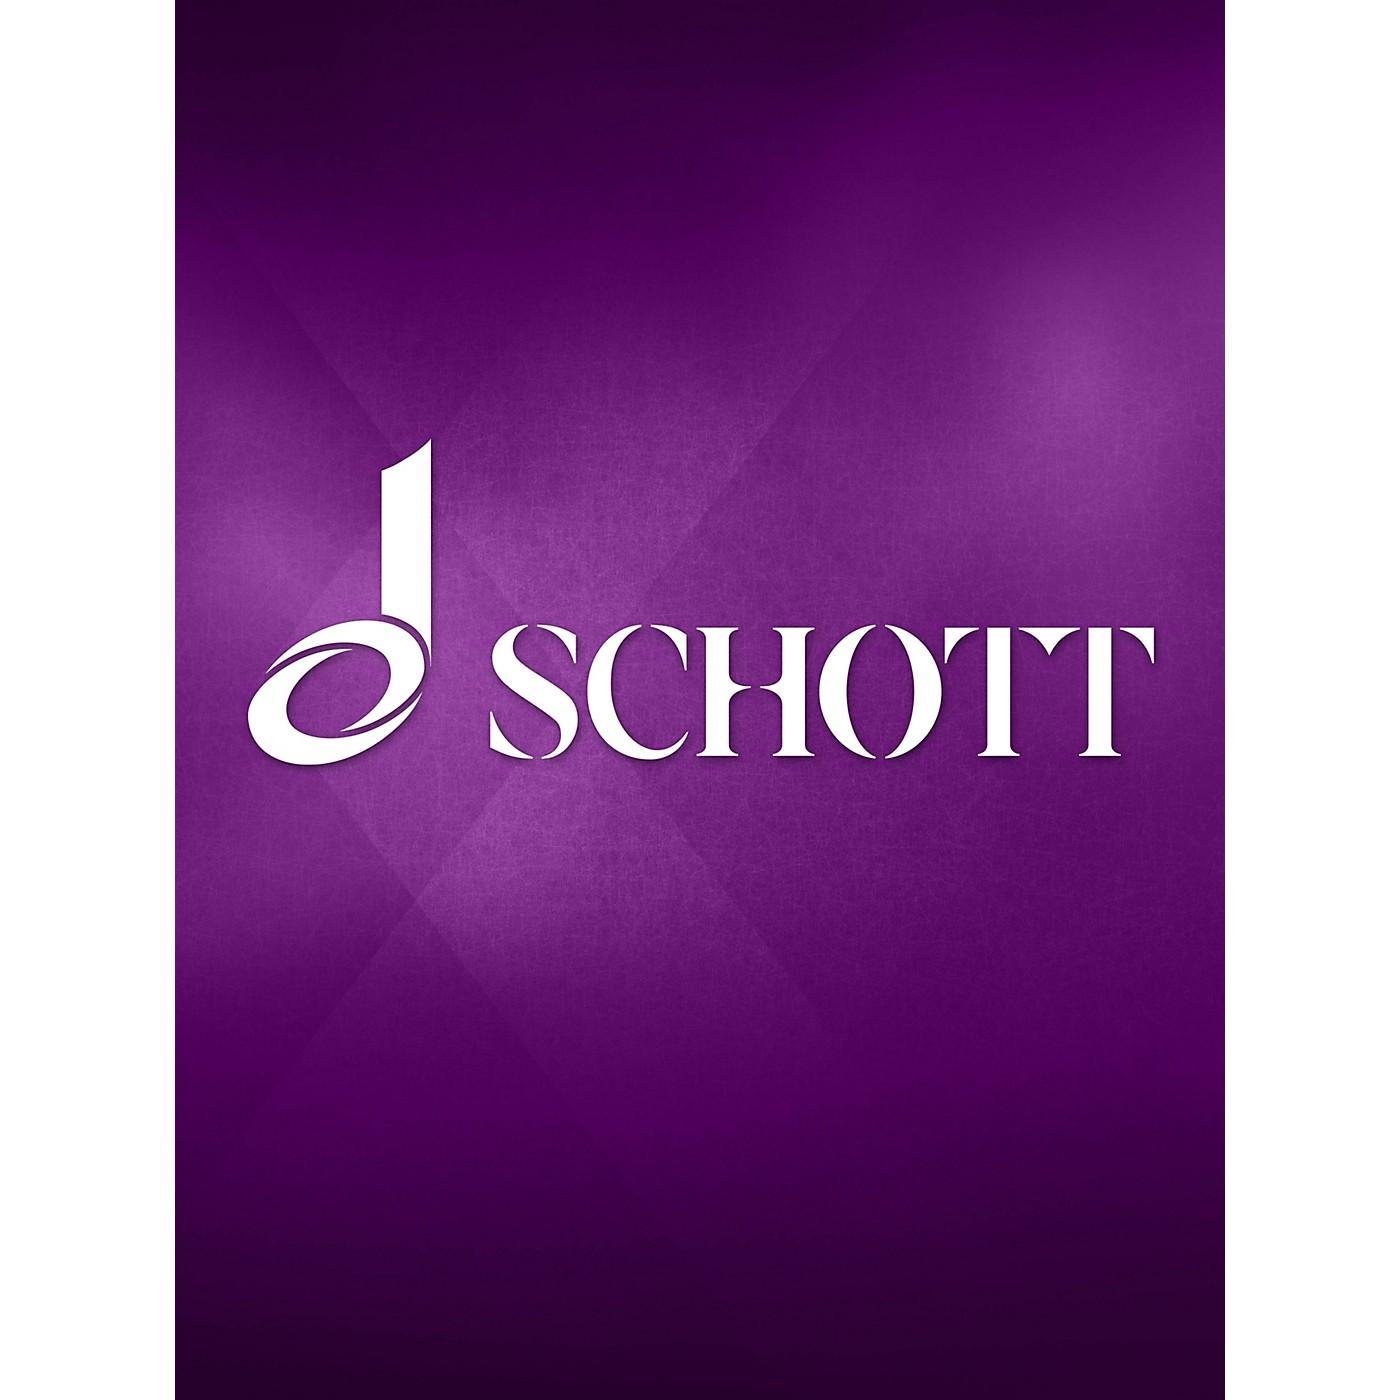 Schott Wunderhorn 9 Songs High Voice (Critical Edition) Schott Series  by Gustav Mahler thumbnail